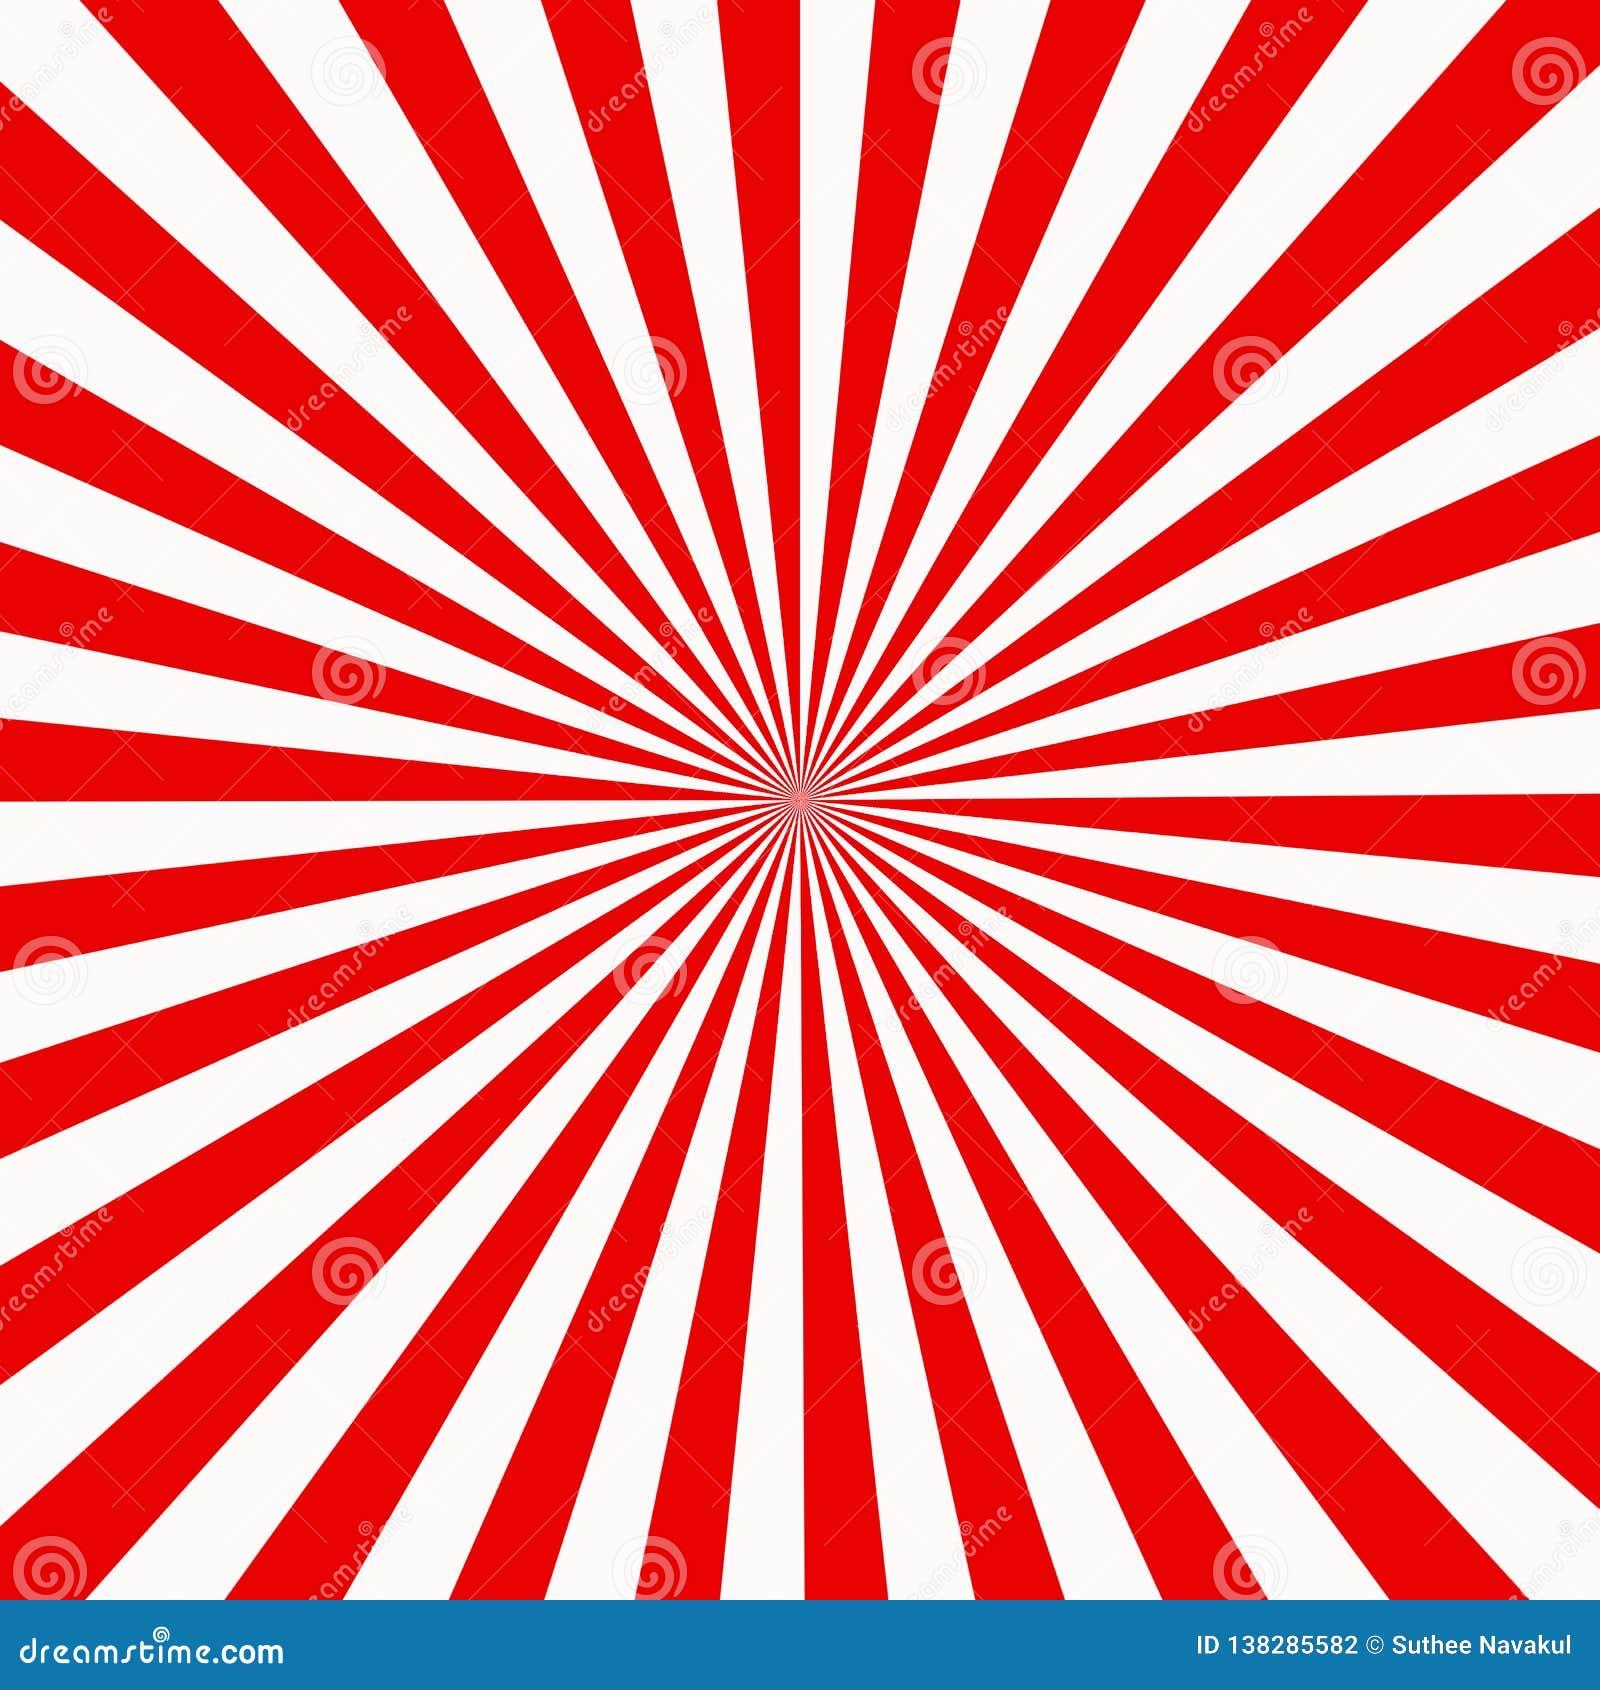 Κόκκινη και άσπρη αφηρημένη σύσταση ηλιοφάνειας λαμπρό υπόβαθρο starburst αφηρημένο υπόβαθρο επίδρασης ηλιοφάνειας κόκκινη και άσ